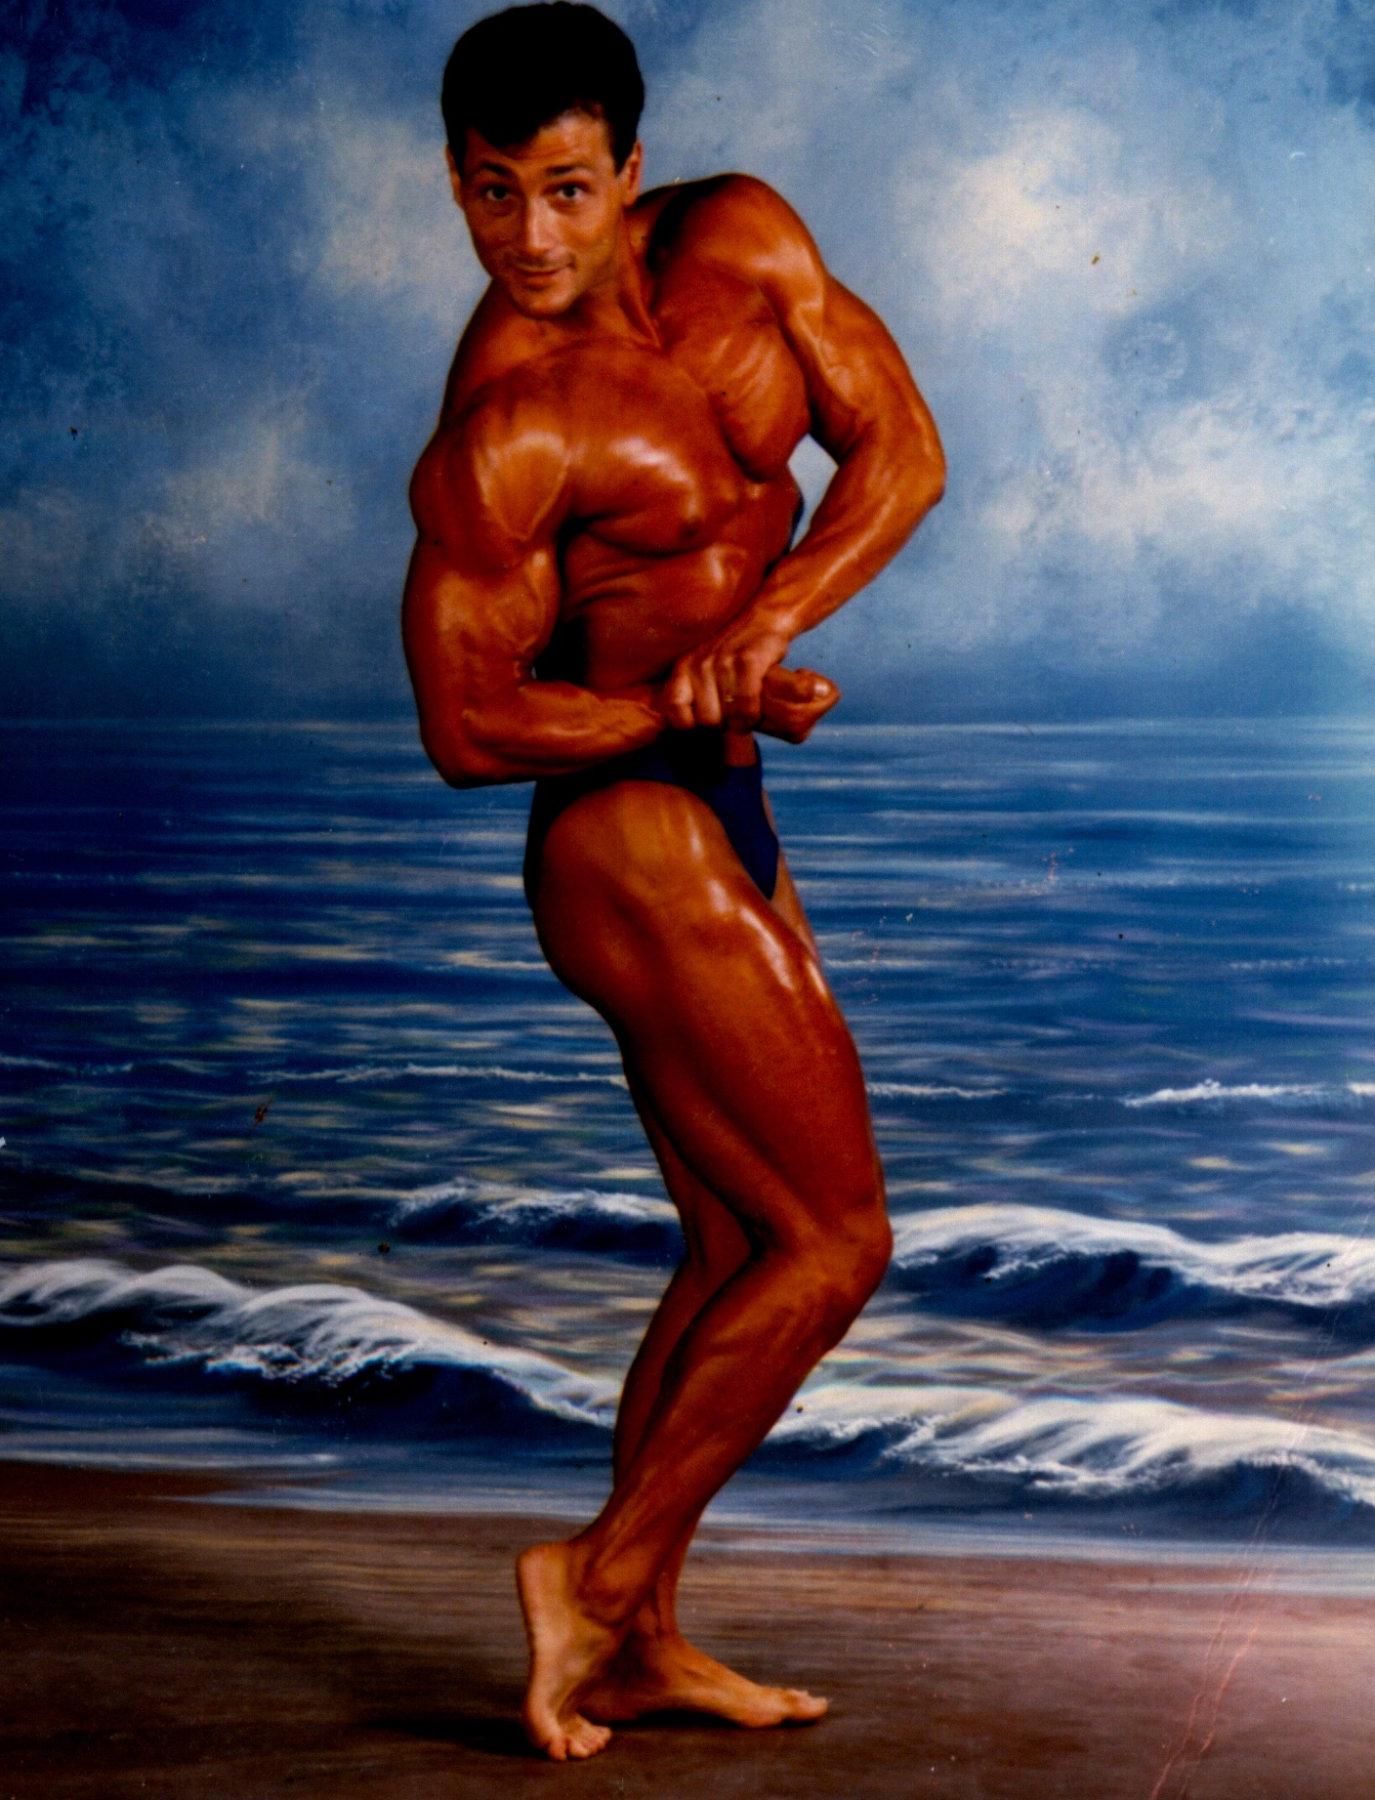 Elías, durante su época como fisioculturista 100% natural.